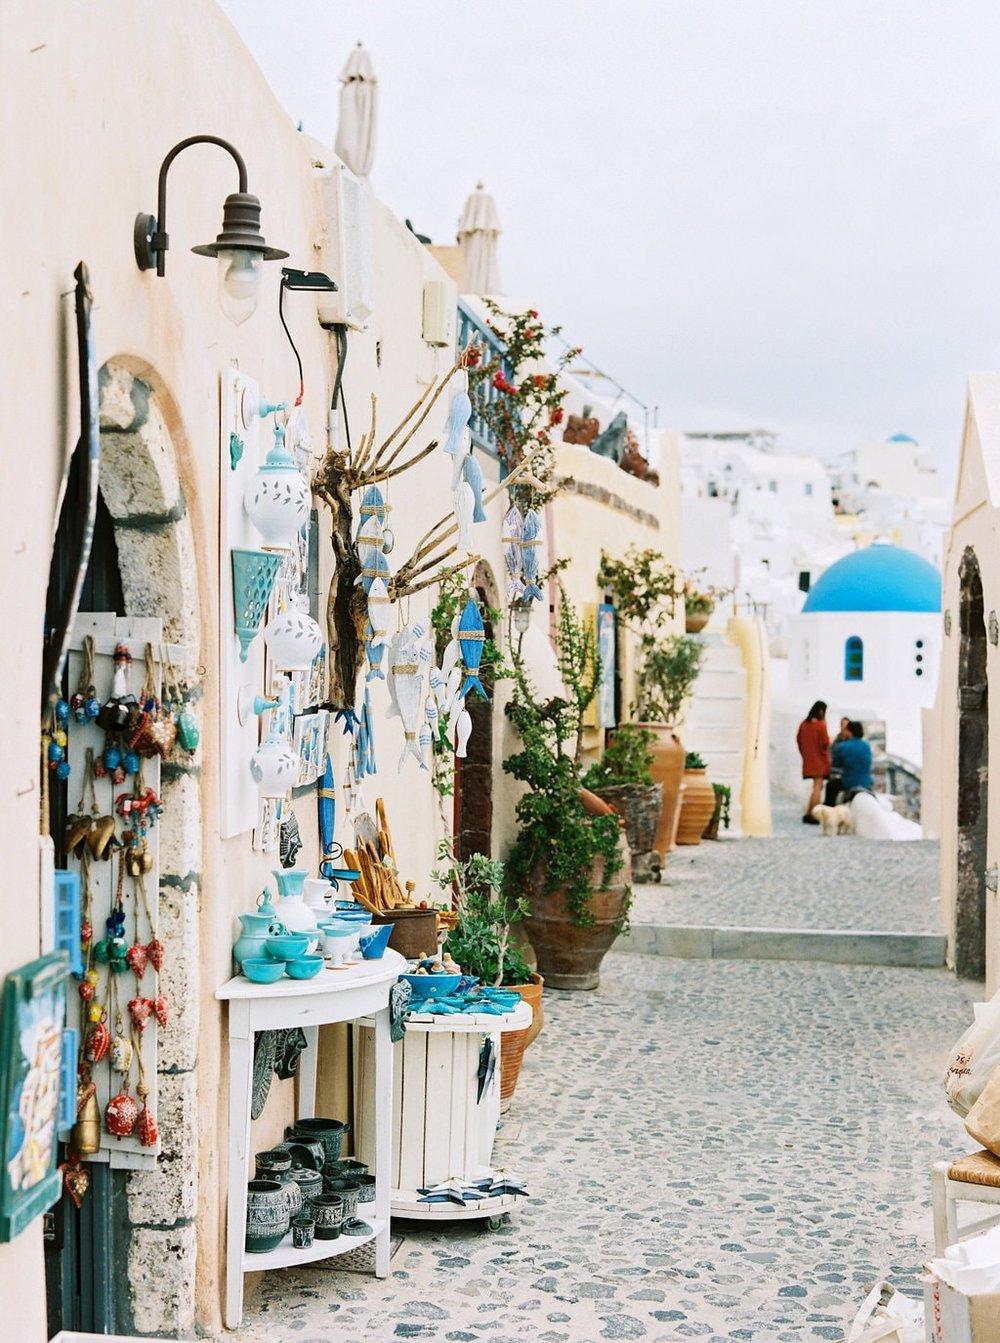 Santorini30thBirthday-012-min.jpg